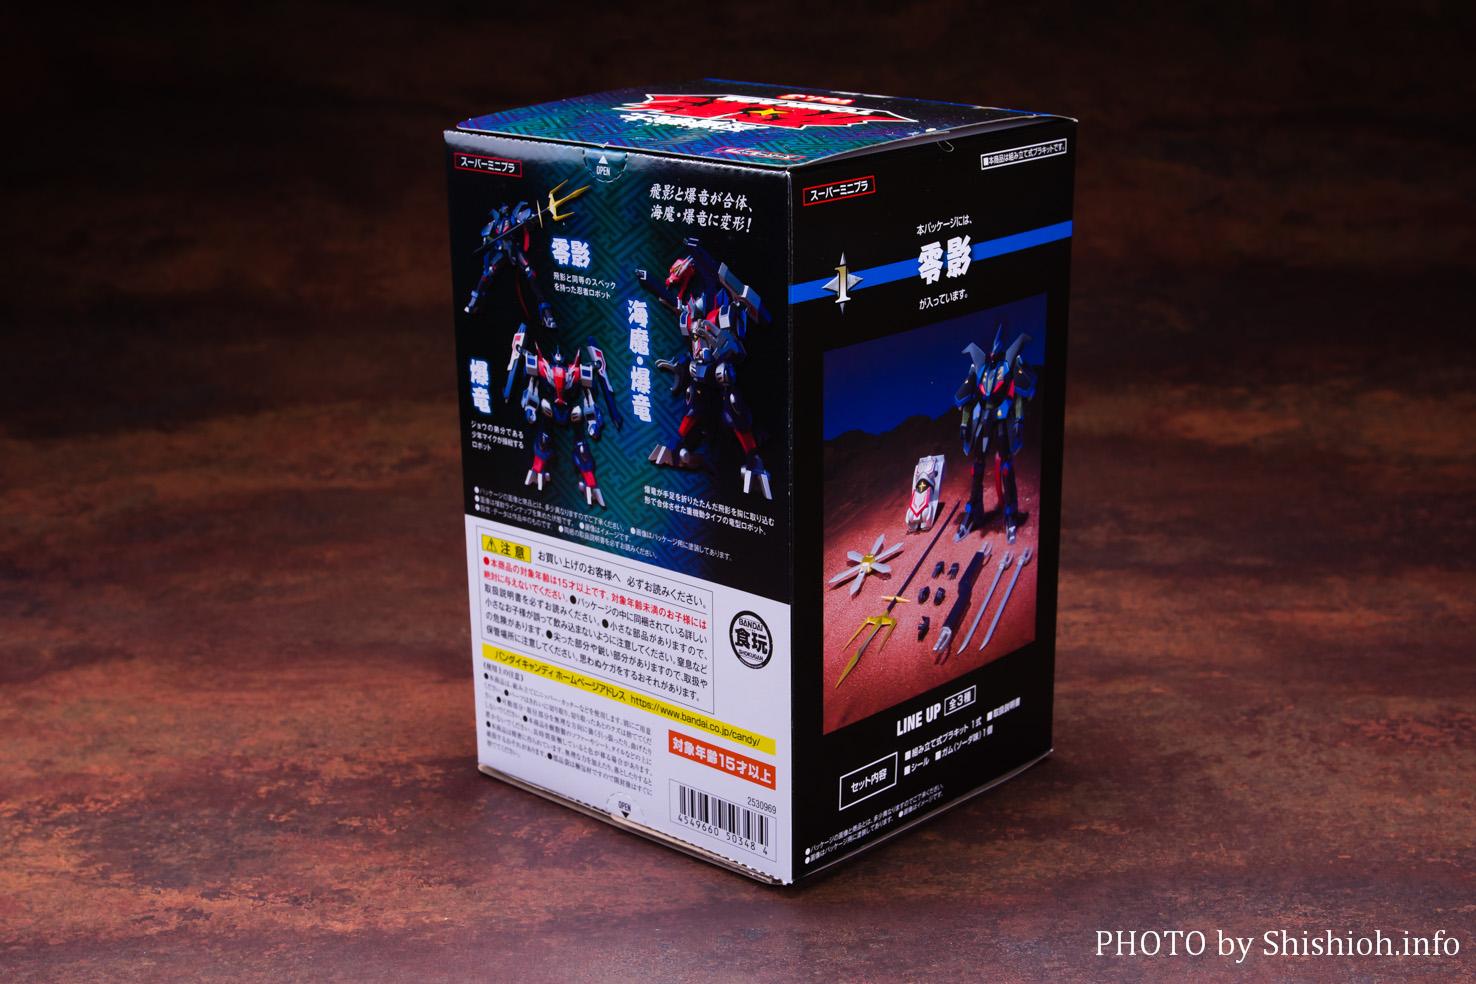 スーパーミニプラ 忍者戦士 飛影Vol.3 零影